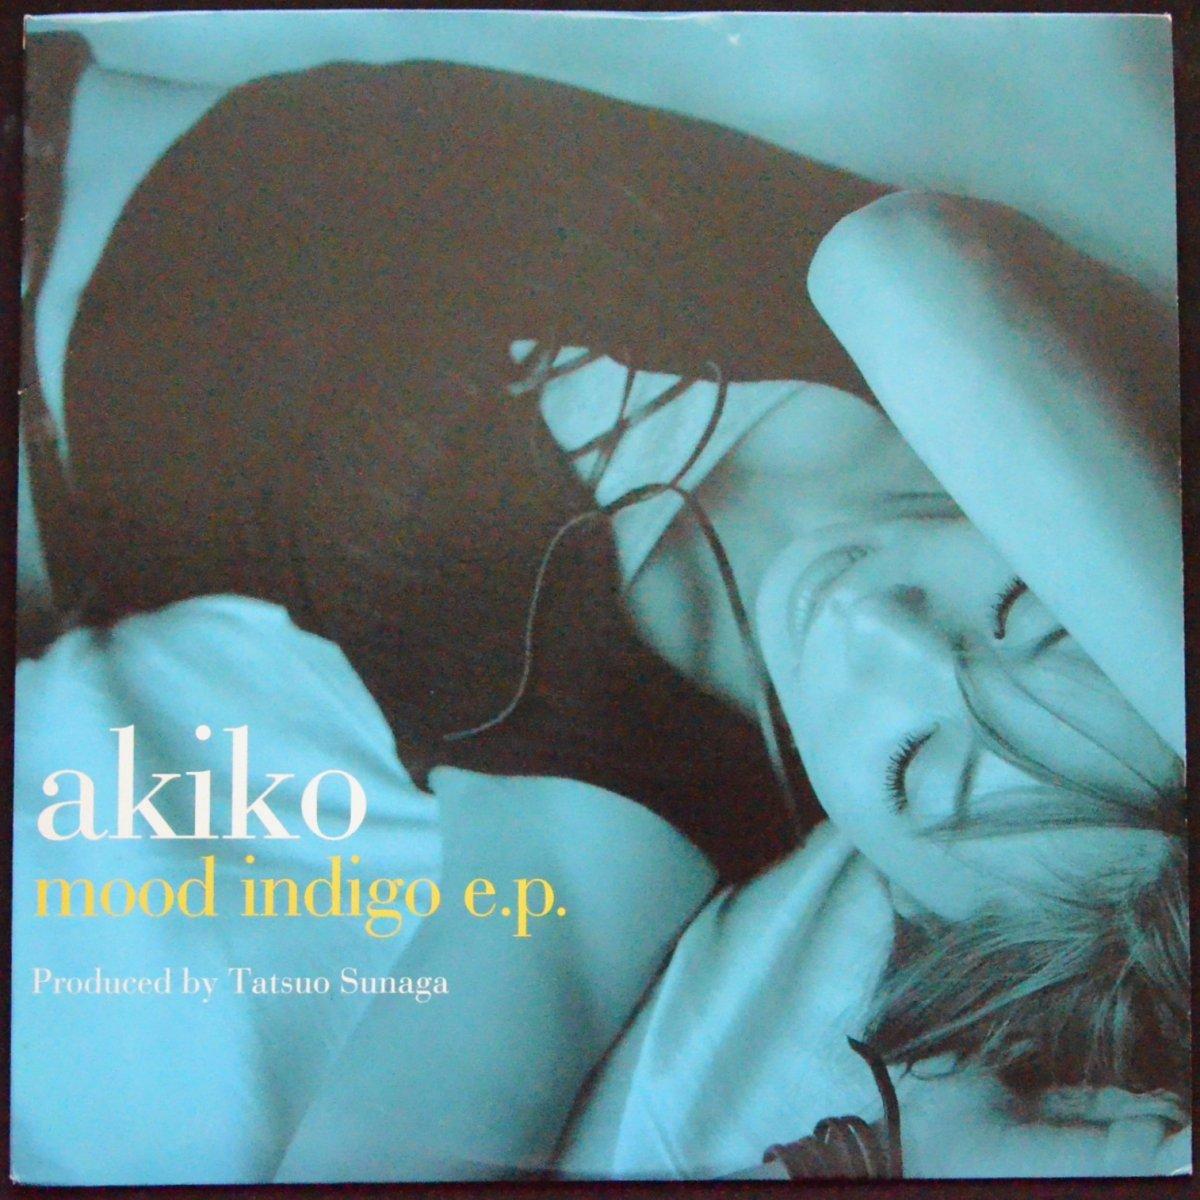 AKIKO / SO TIRED / I LOVE YOU ( MOOD INDIGO E.P.) (12